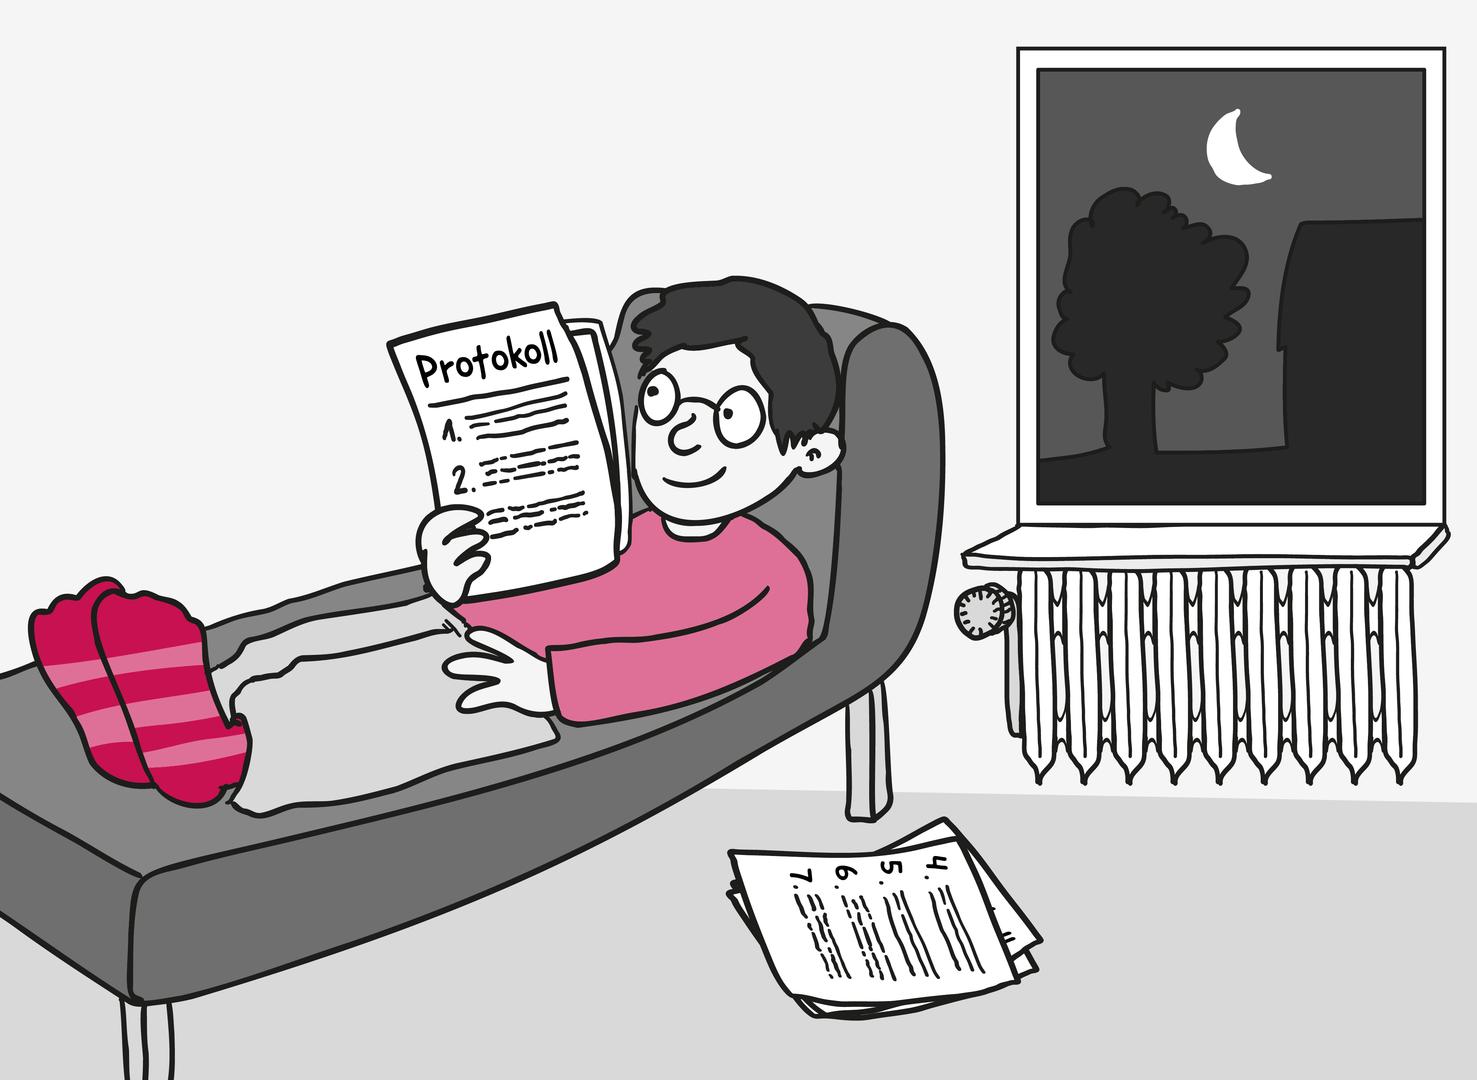 Durch ein Fenster leuchtet der Mond in ein Zimmer. Ein junger Mann liegt entspannt auf dem Sofa und hält ein paar Seiten Papier in der Hand. Auf dem Deckblatt steht: Protokoll sowie 1., 2. und 3. mit winzigem Text. Ein weiterer Stapel Papier liegt neben dem Sofa. Darauf steht: 4., 5., 6. und 7. mit winzigem Text.